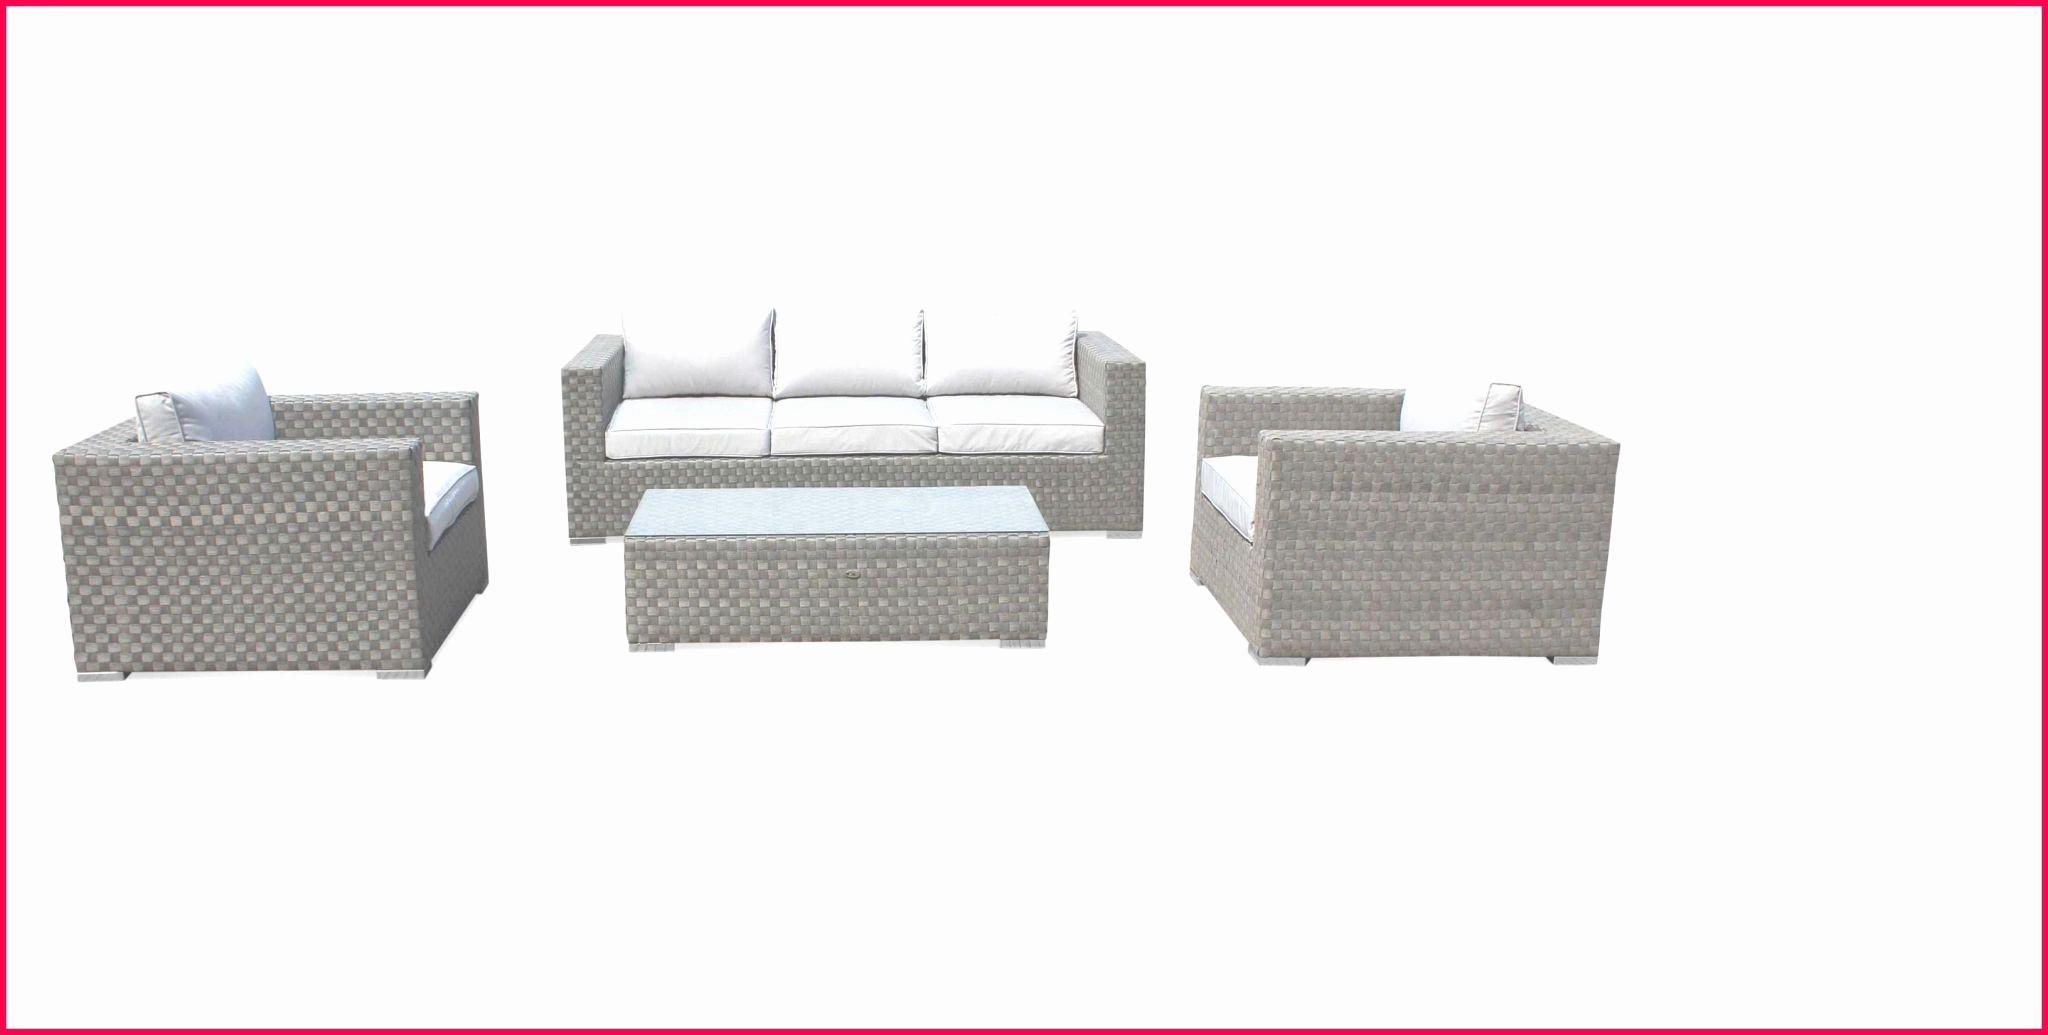 salons de jardin castorama frais tables de jardin castorama et table de jardin avec rallonge table of salons de jardin castorama